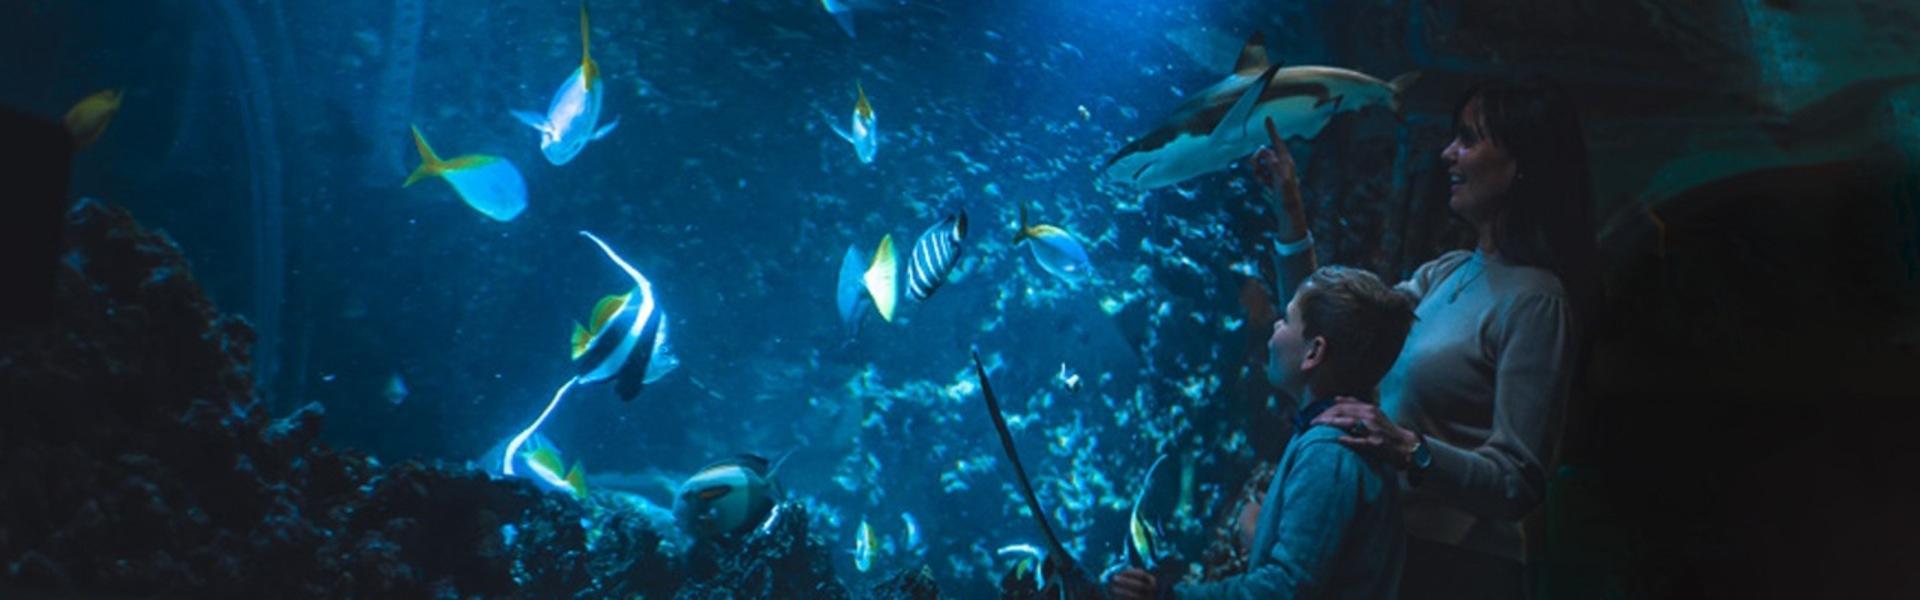 Haitunellen Akvariet i Bergen